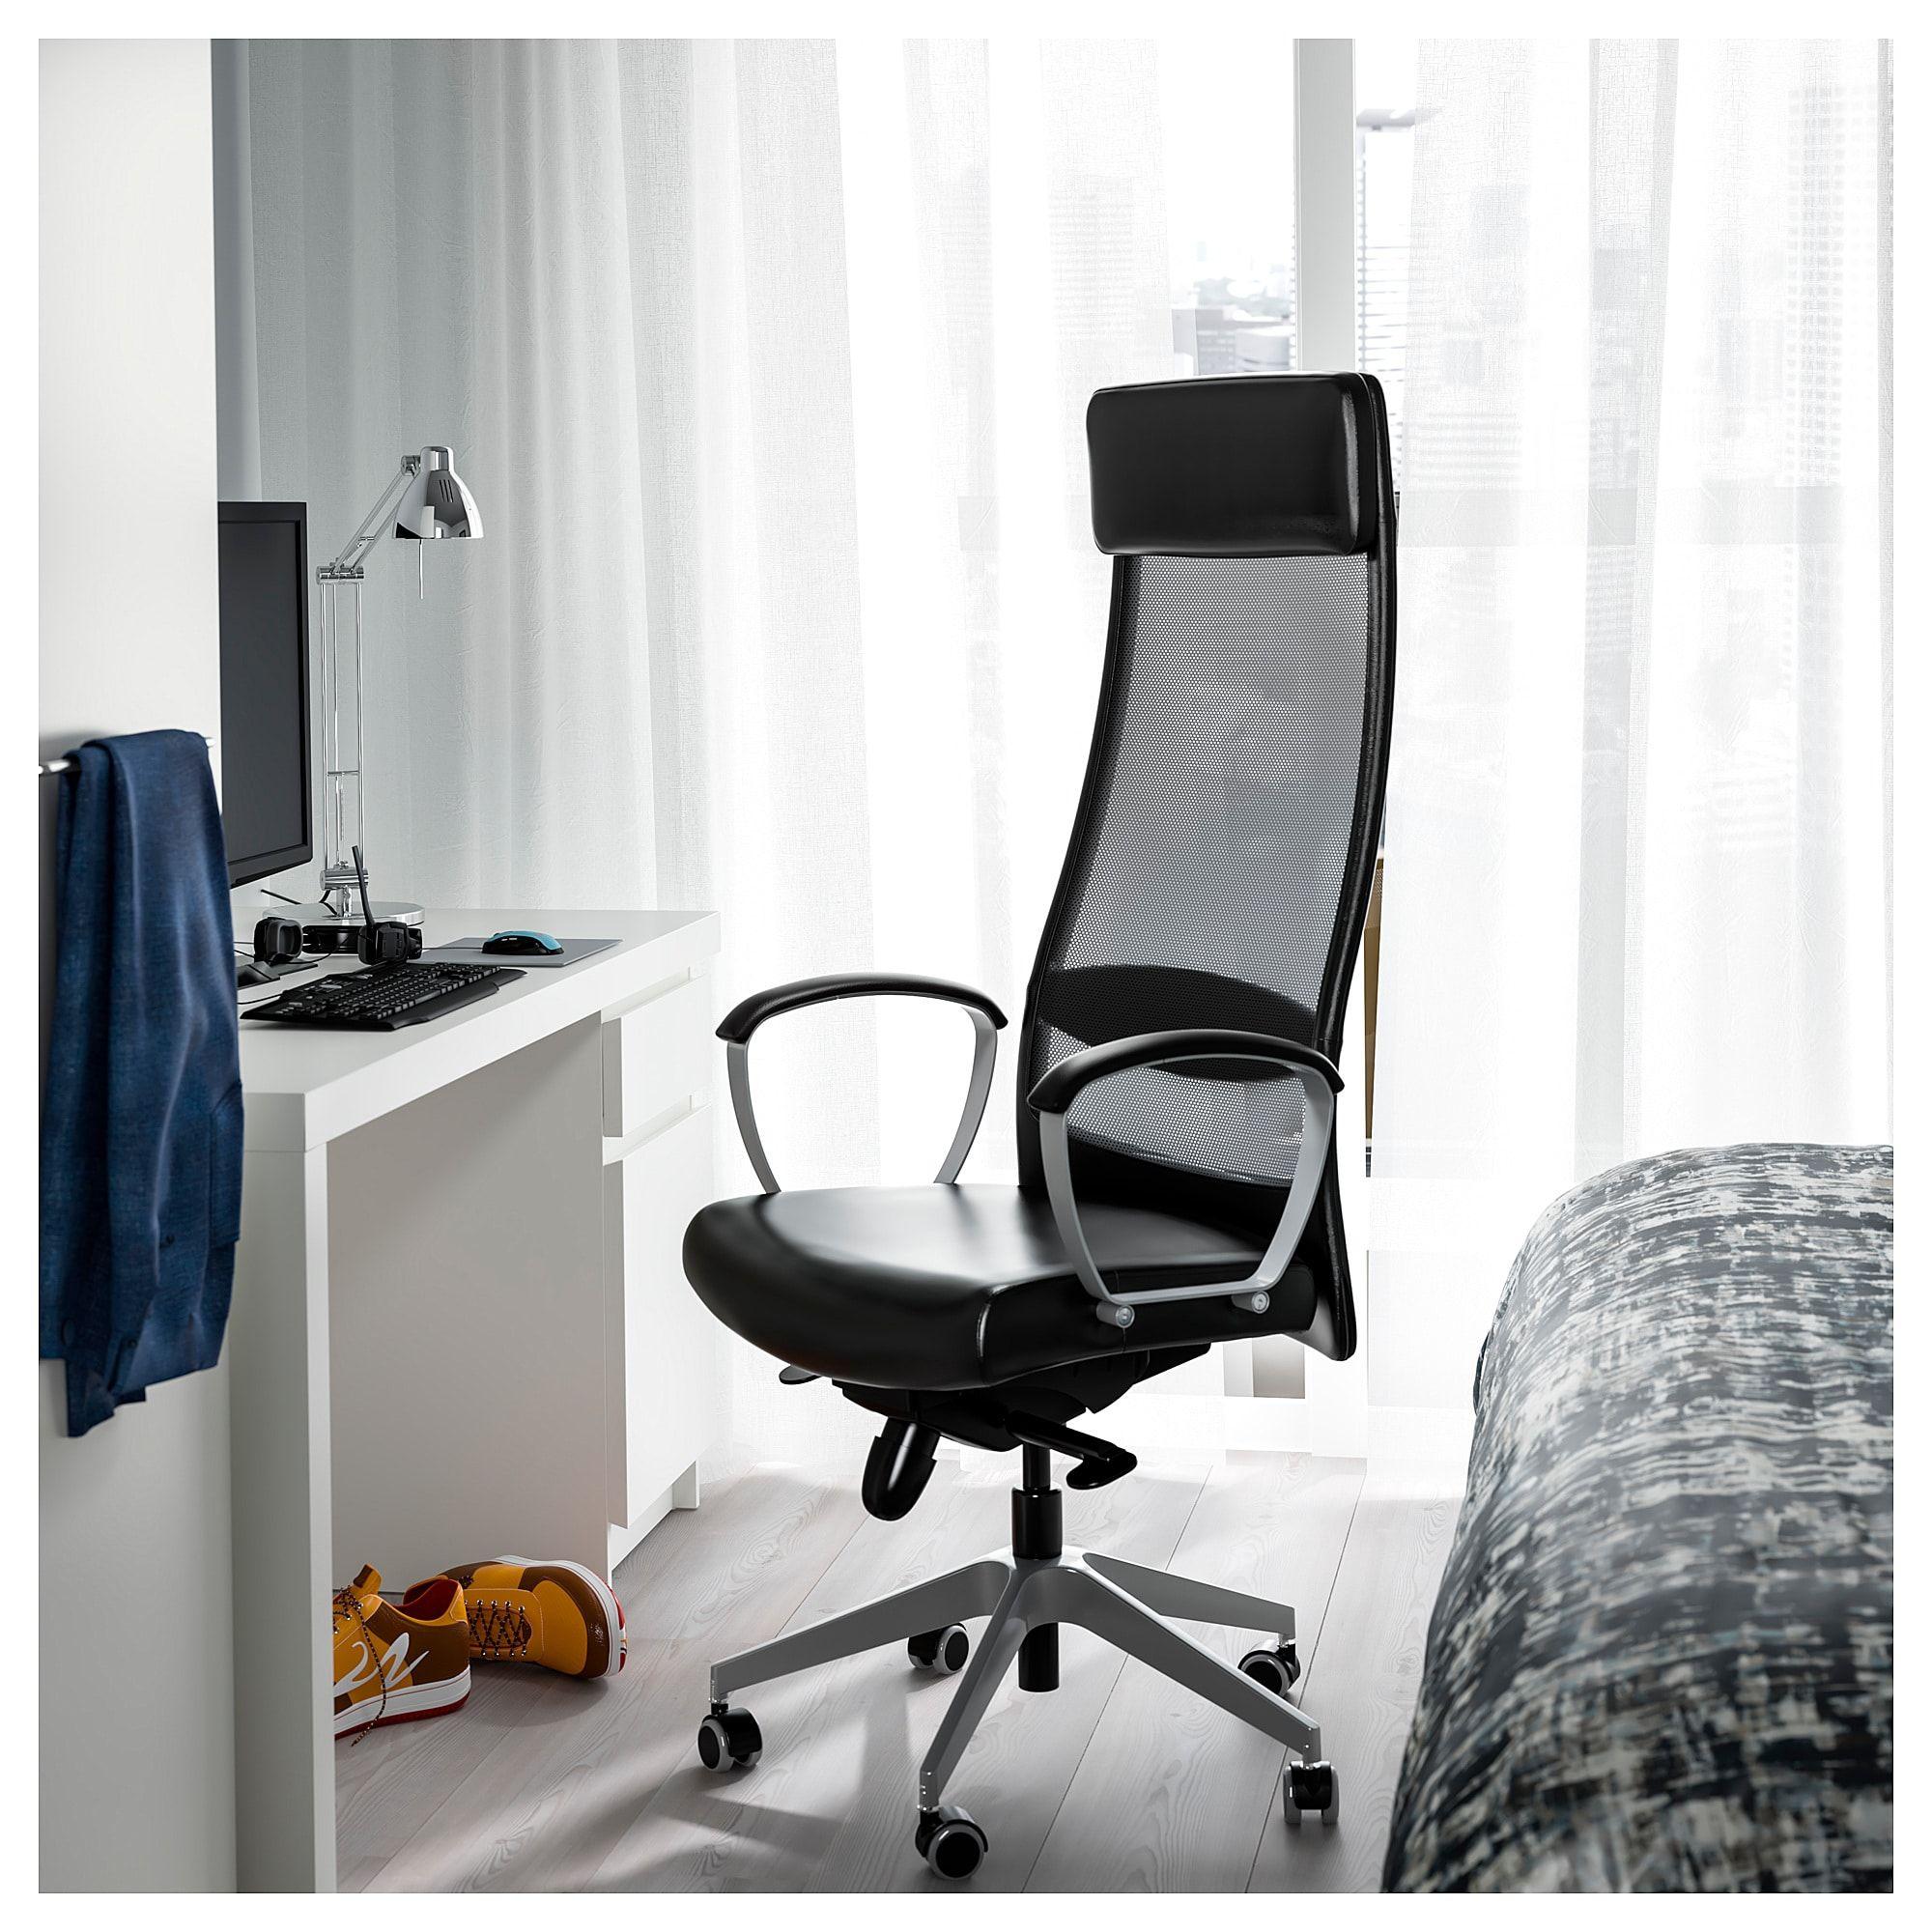 IKEA MALKOLM DESK Office Adjustable